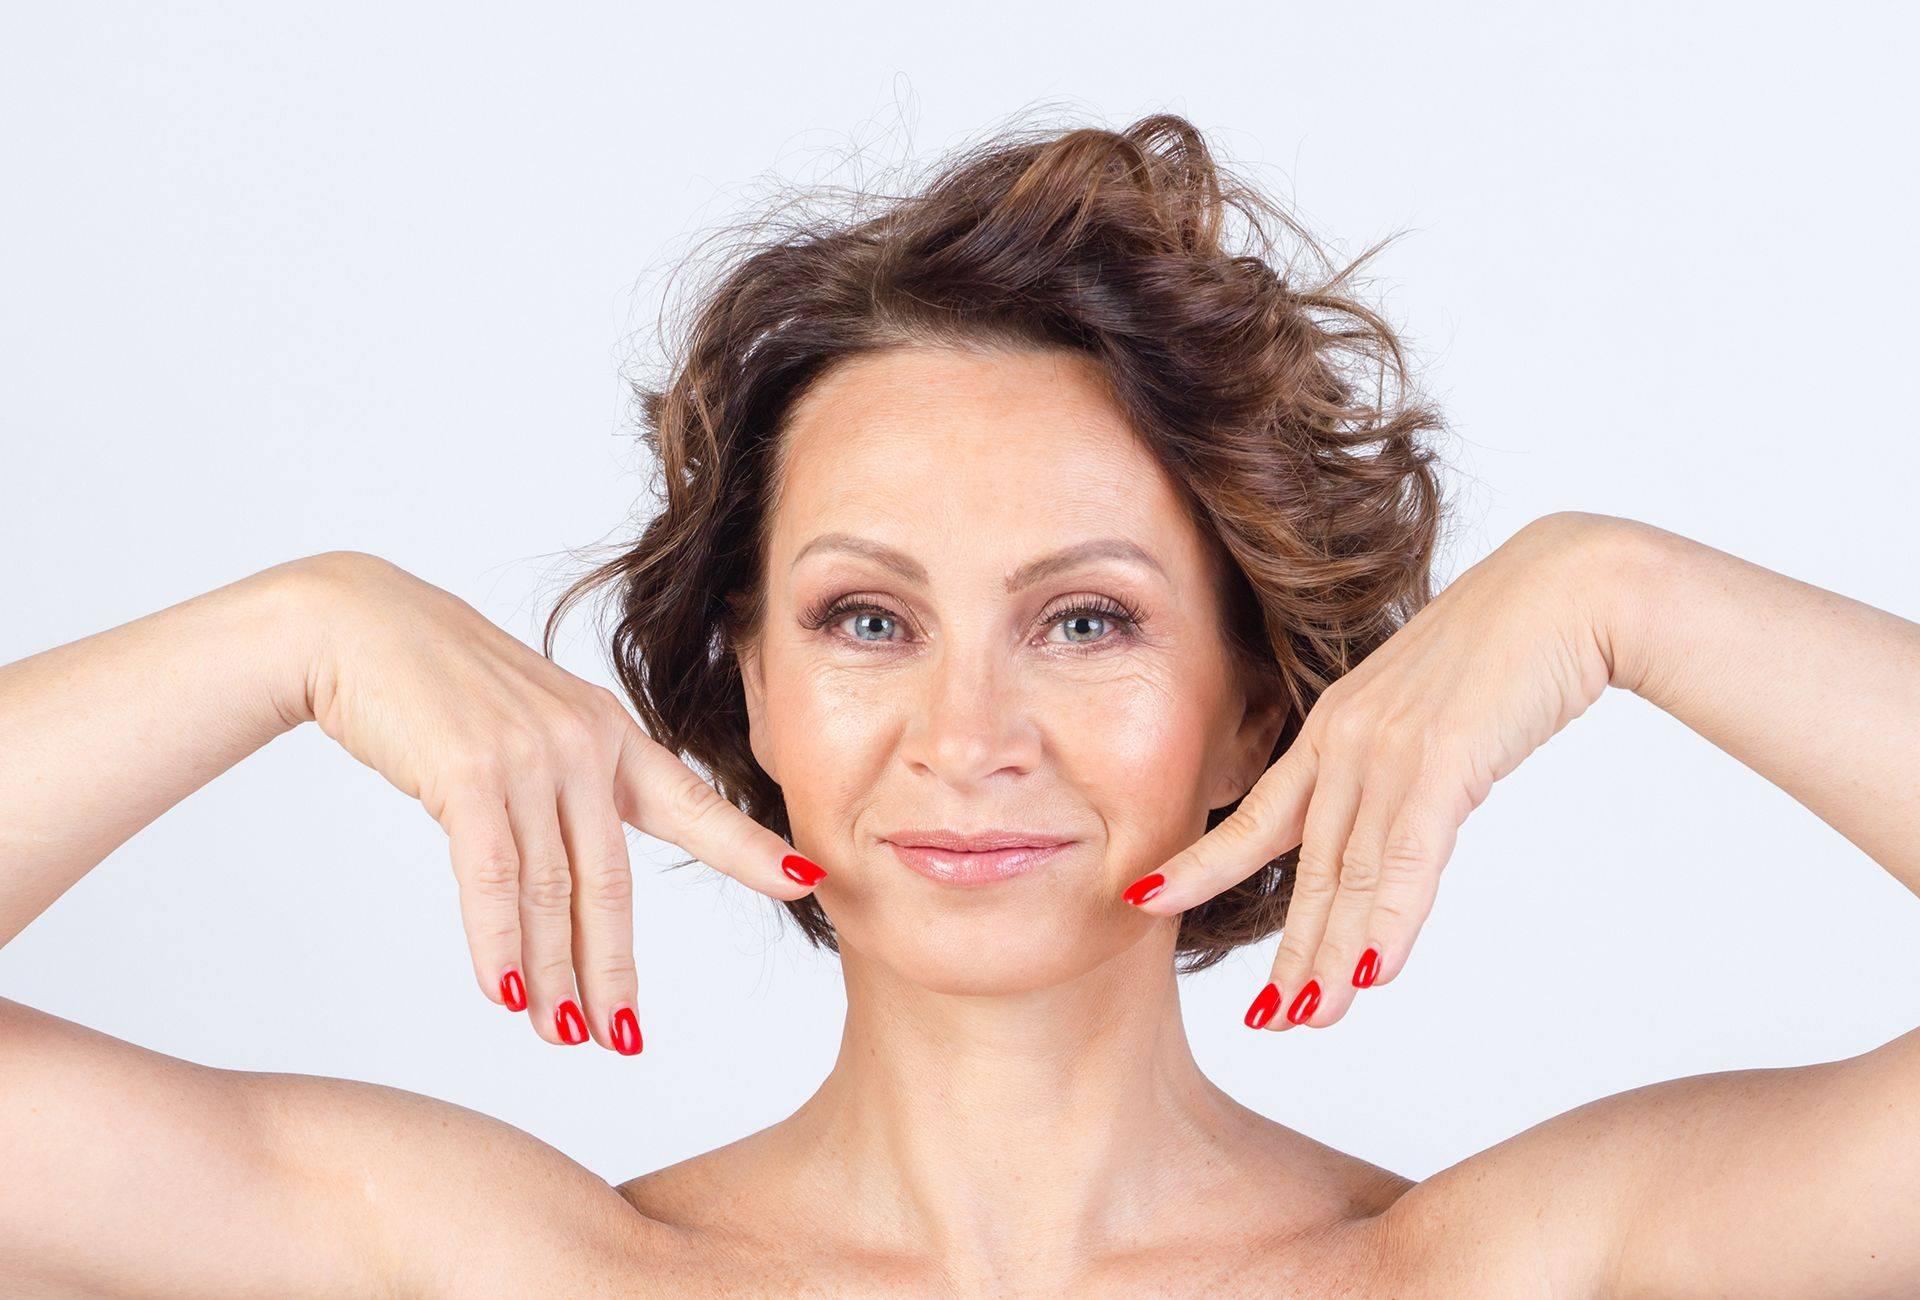 Упражнения для омоложения лица. фейсбилдинг для лица после 50. фейсбилдинг для лица упражнения с картинками. упражнения для подтяжки мышц, расположенных на лице